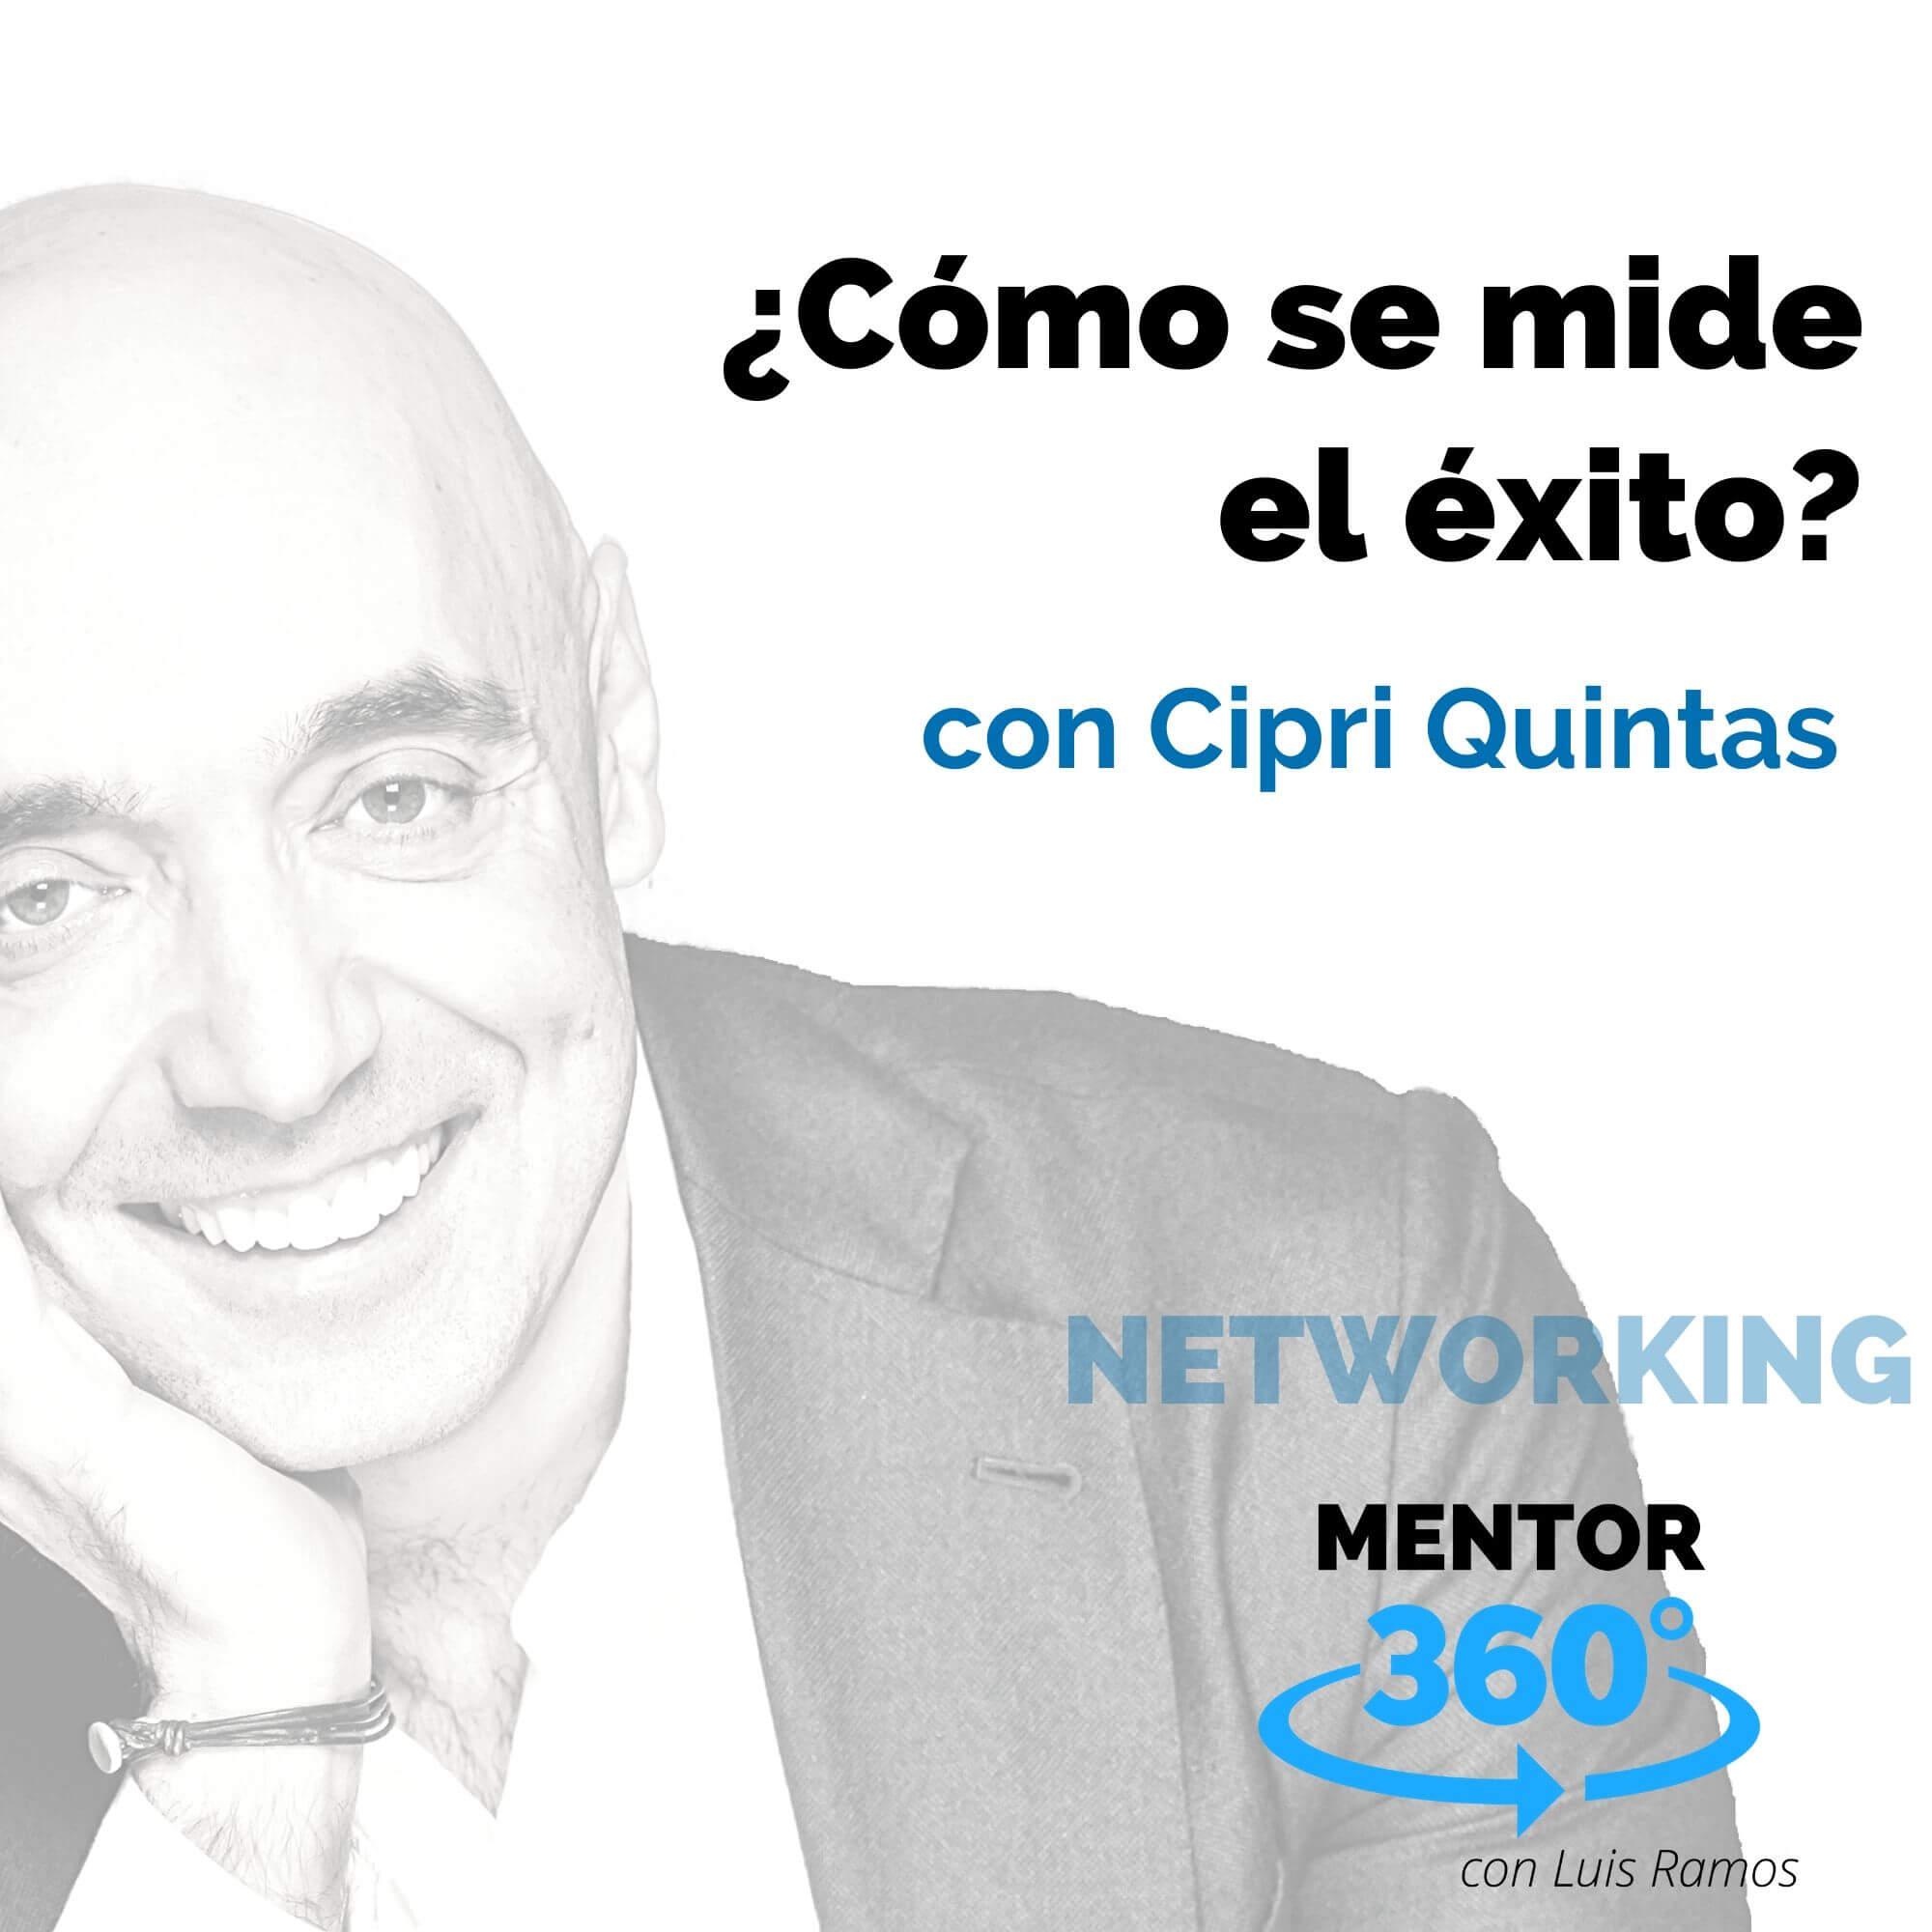 Cómo Se Mide El Éxito, con Cipri Quintas - NETWORKING